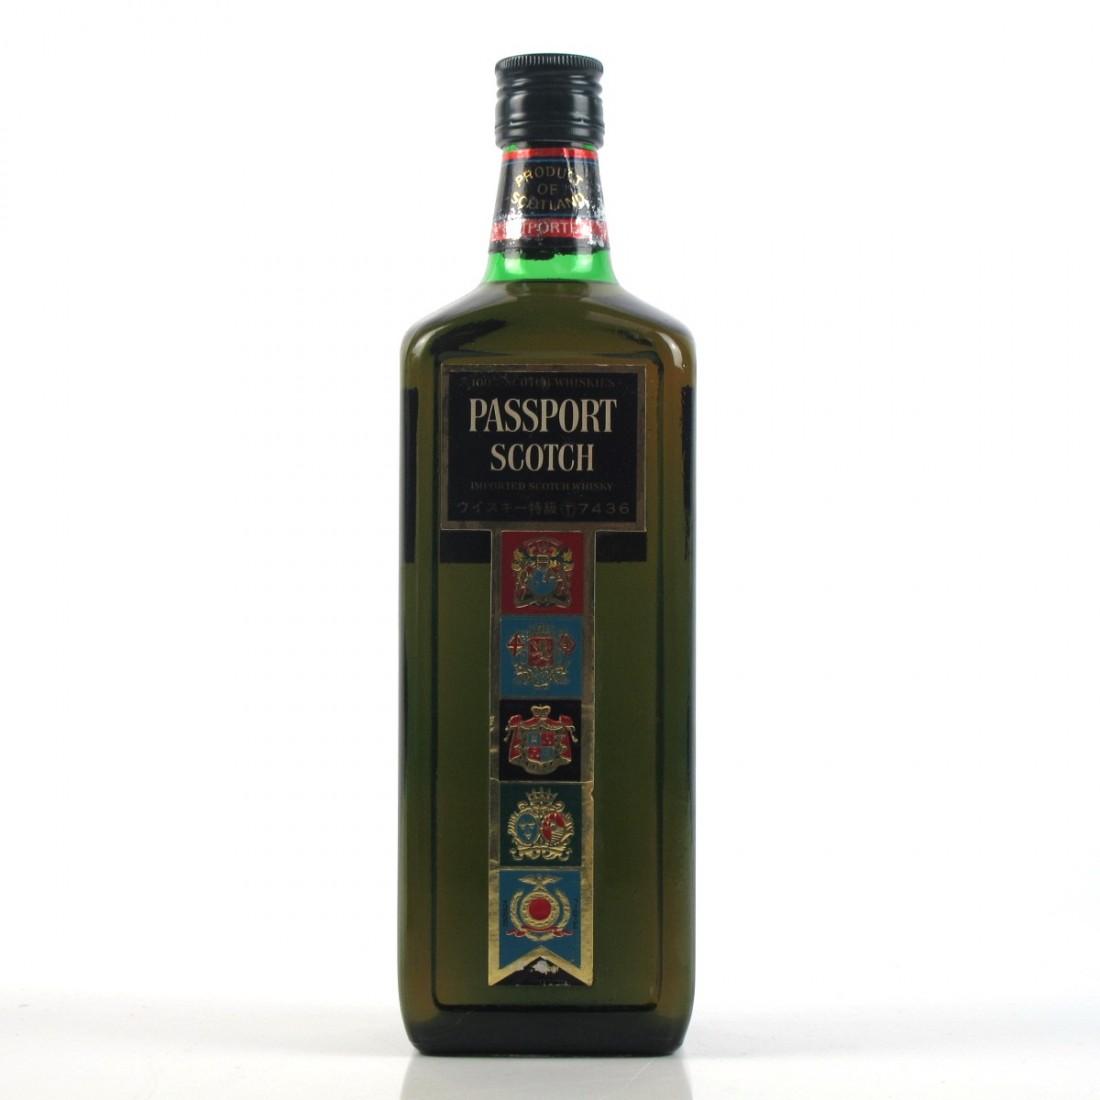 Passport Scotch Blended Scotch Whisky